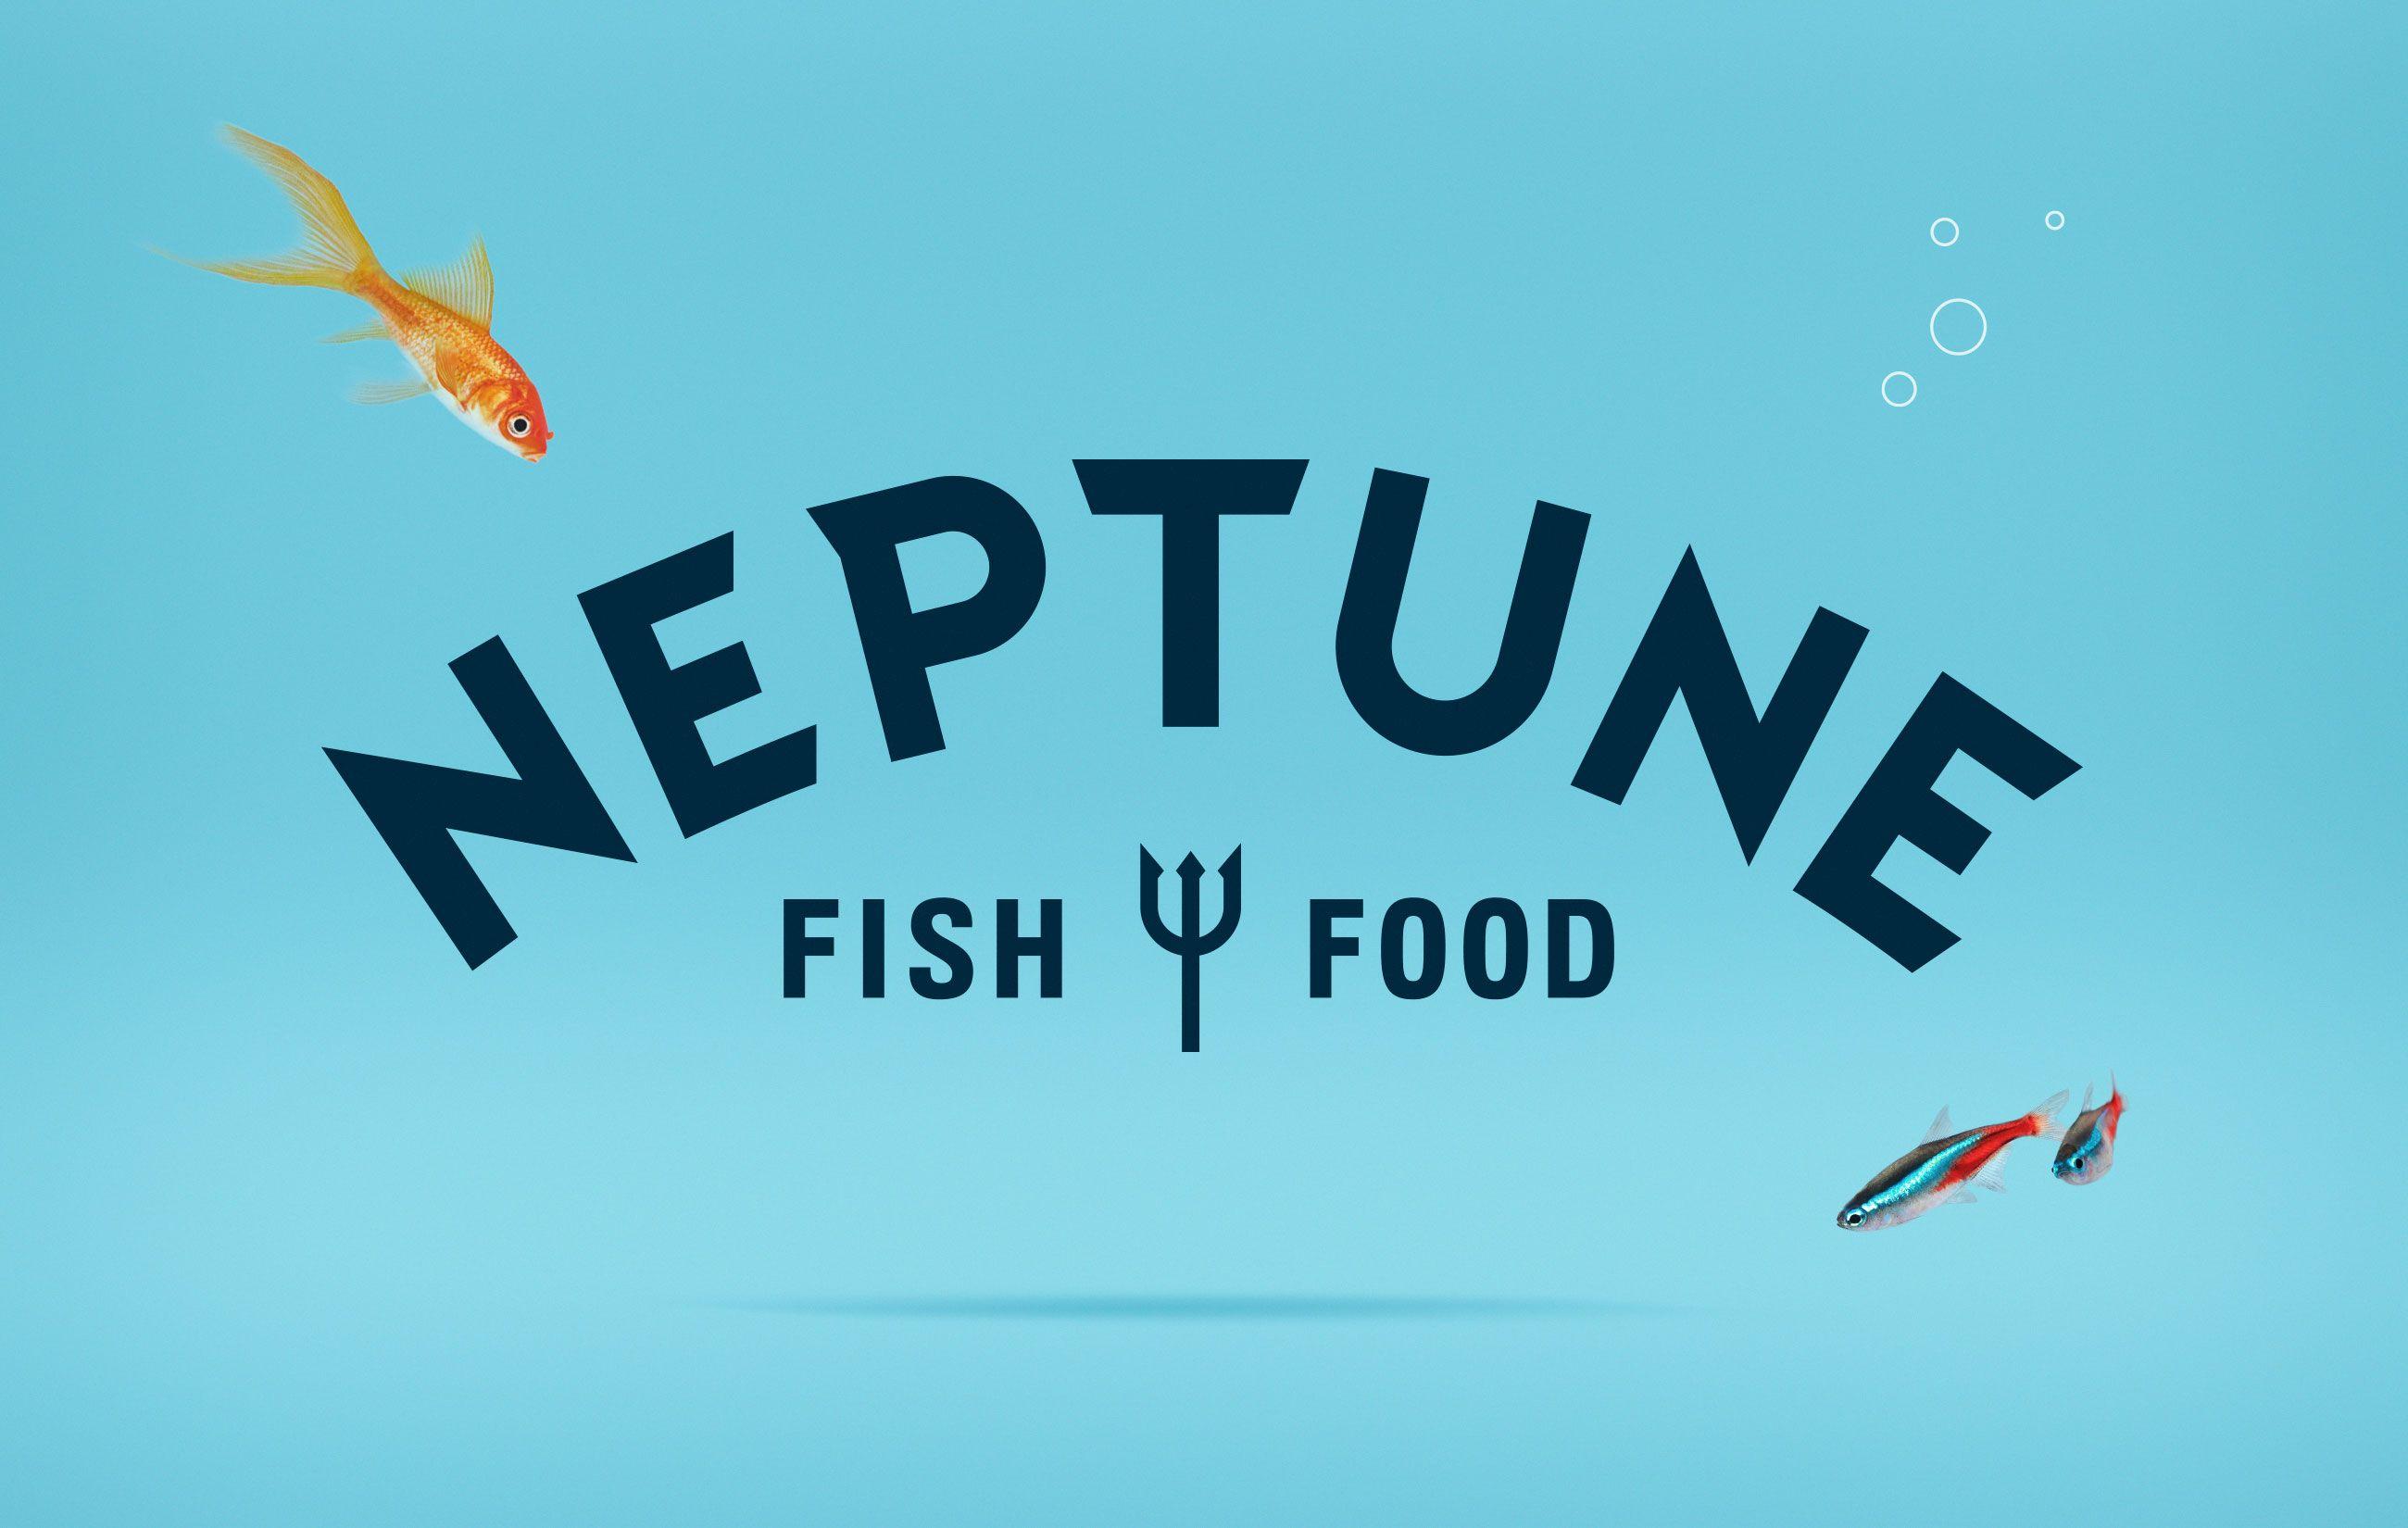 Bob martin fish fish food pet food logo branding